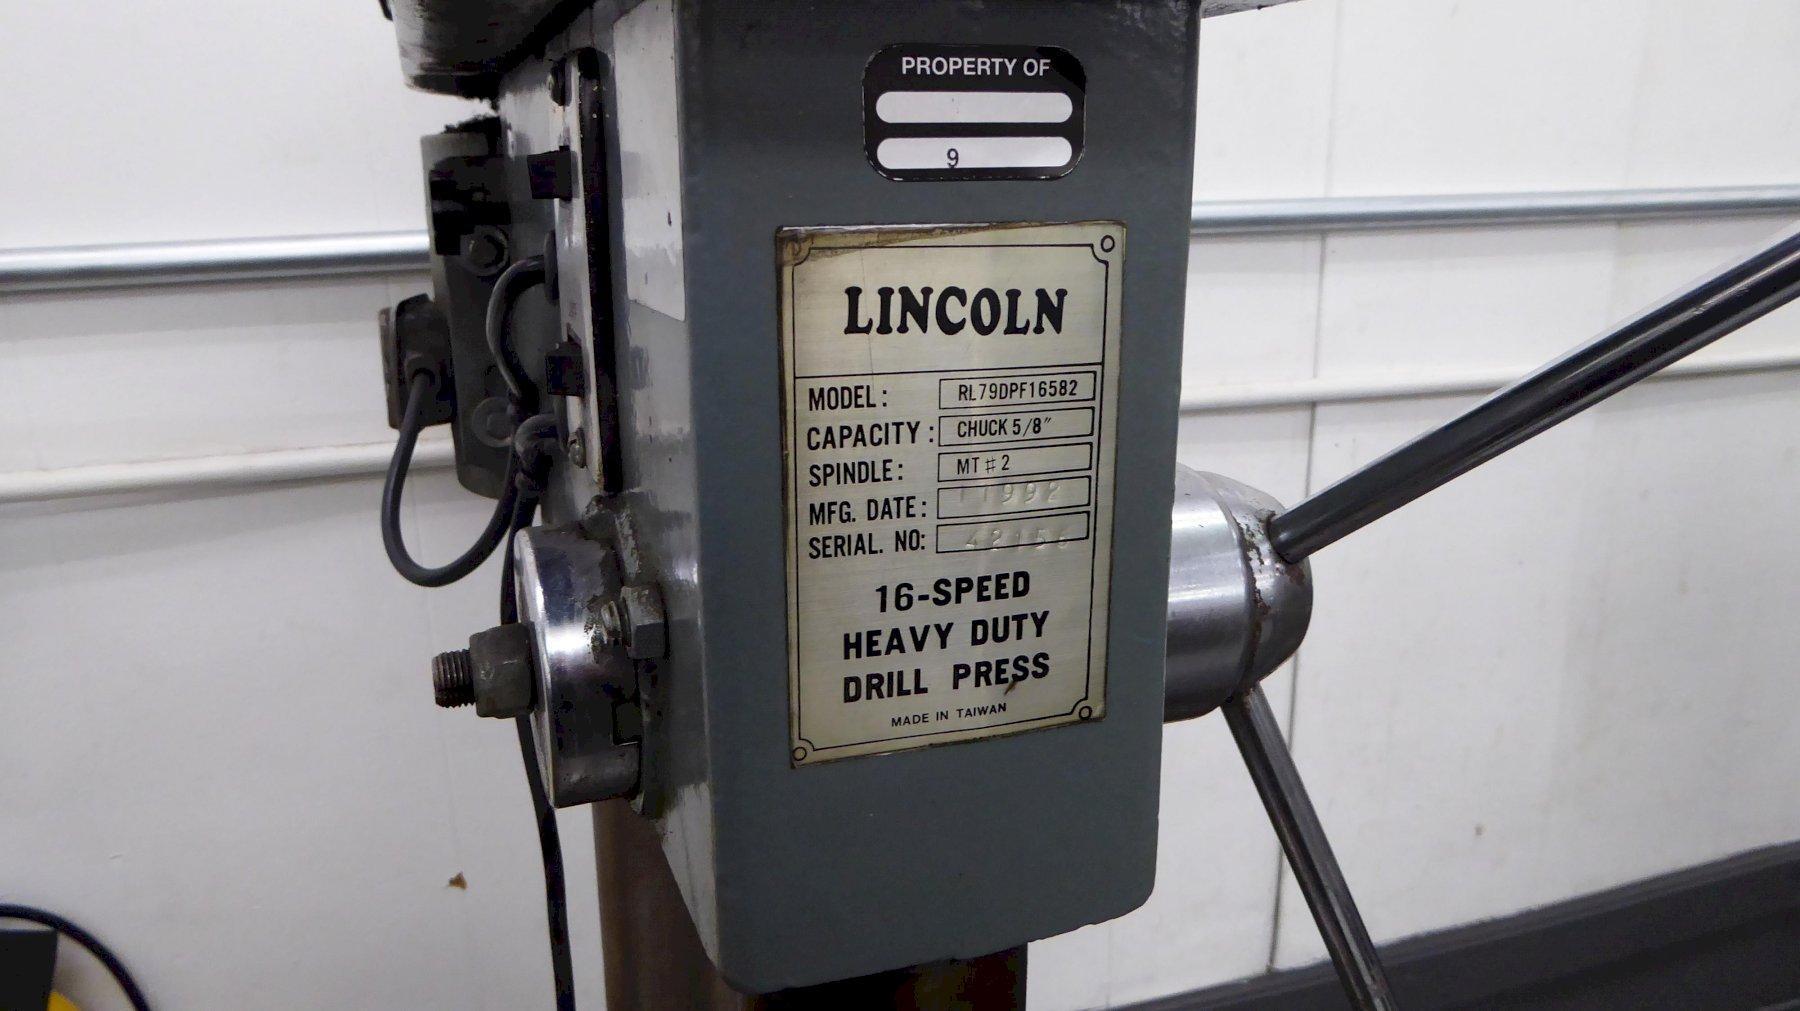 Lincoln Drill Press